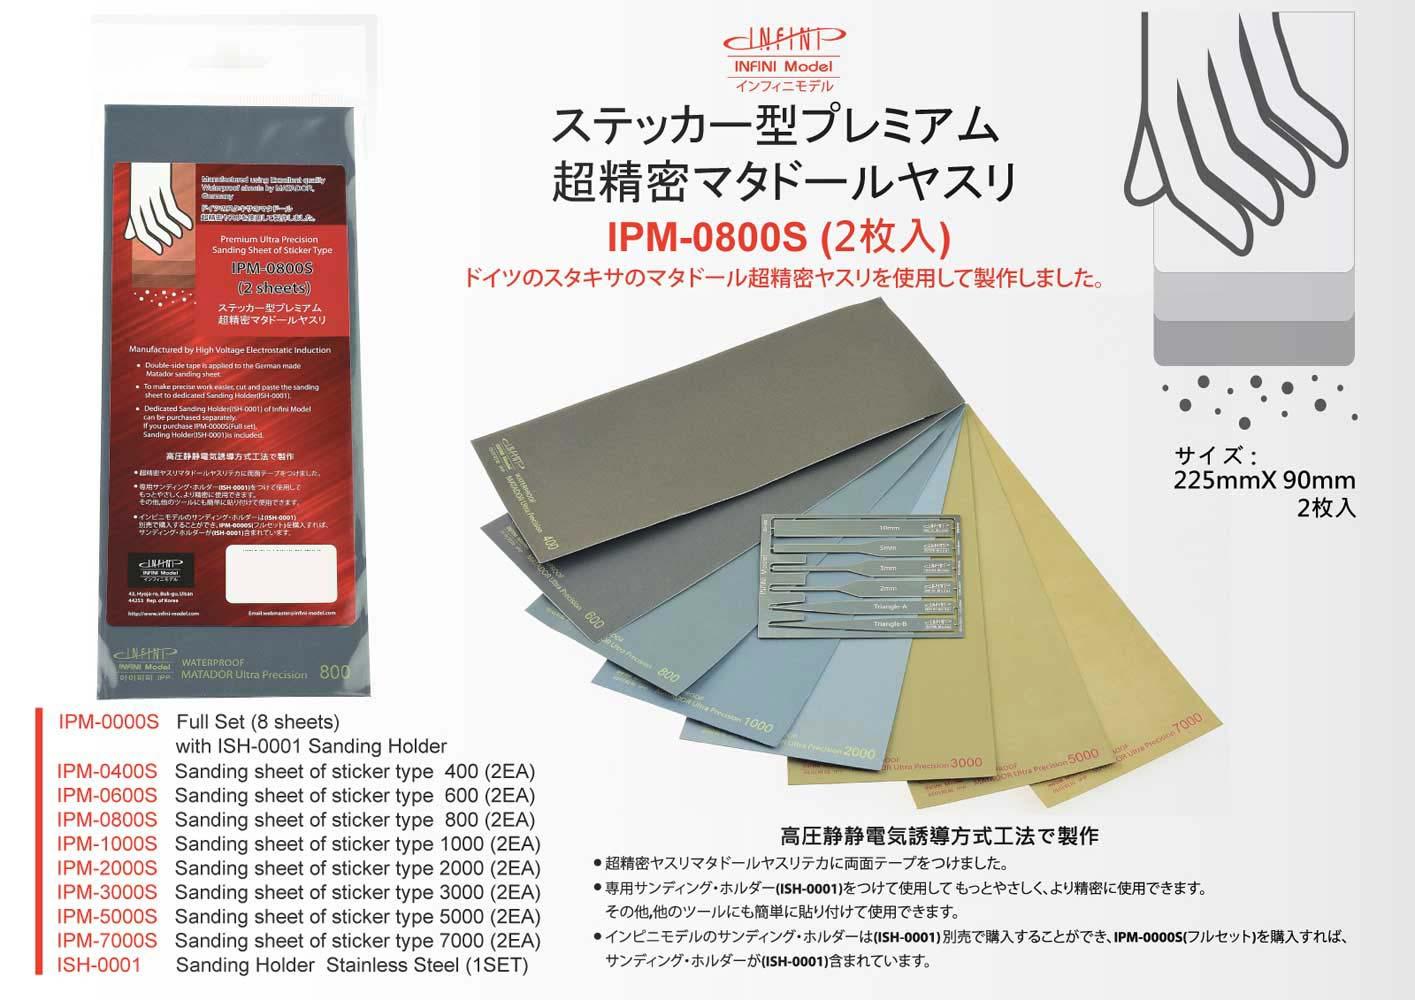 【インフィニモデル製 輸入品】 本体価格:500円 JANコード:4986470065687